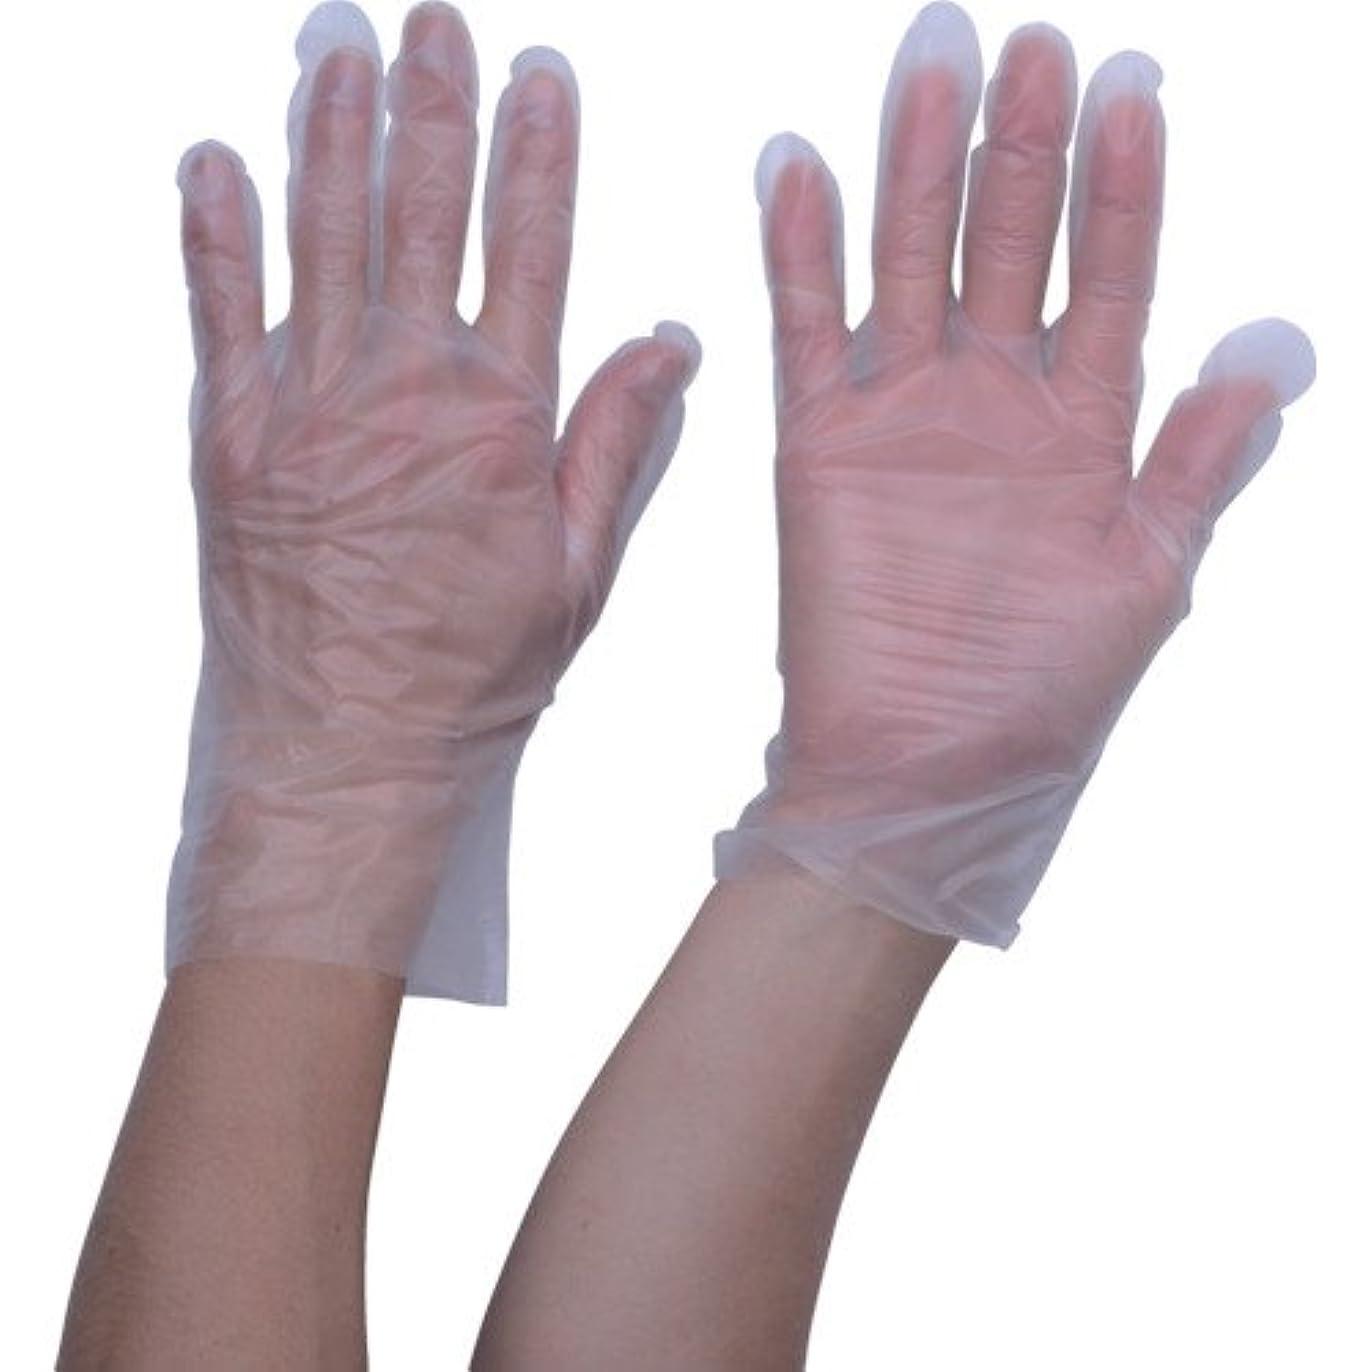 マグのスコア財政TRUSCO ポリエチレン 使い捨て手袋 ウェーブカットタイプS (100枚入)(入数:100枚) TGCPE025S